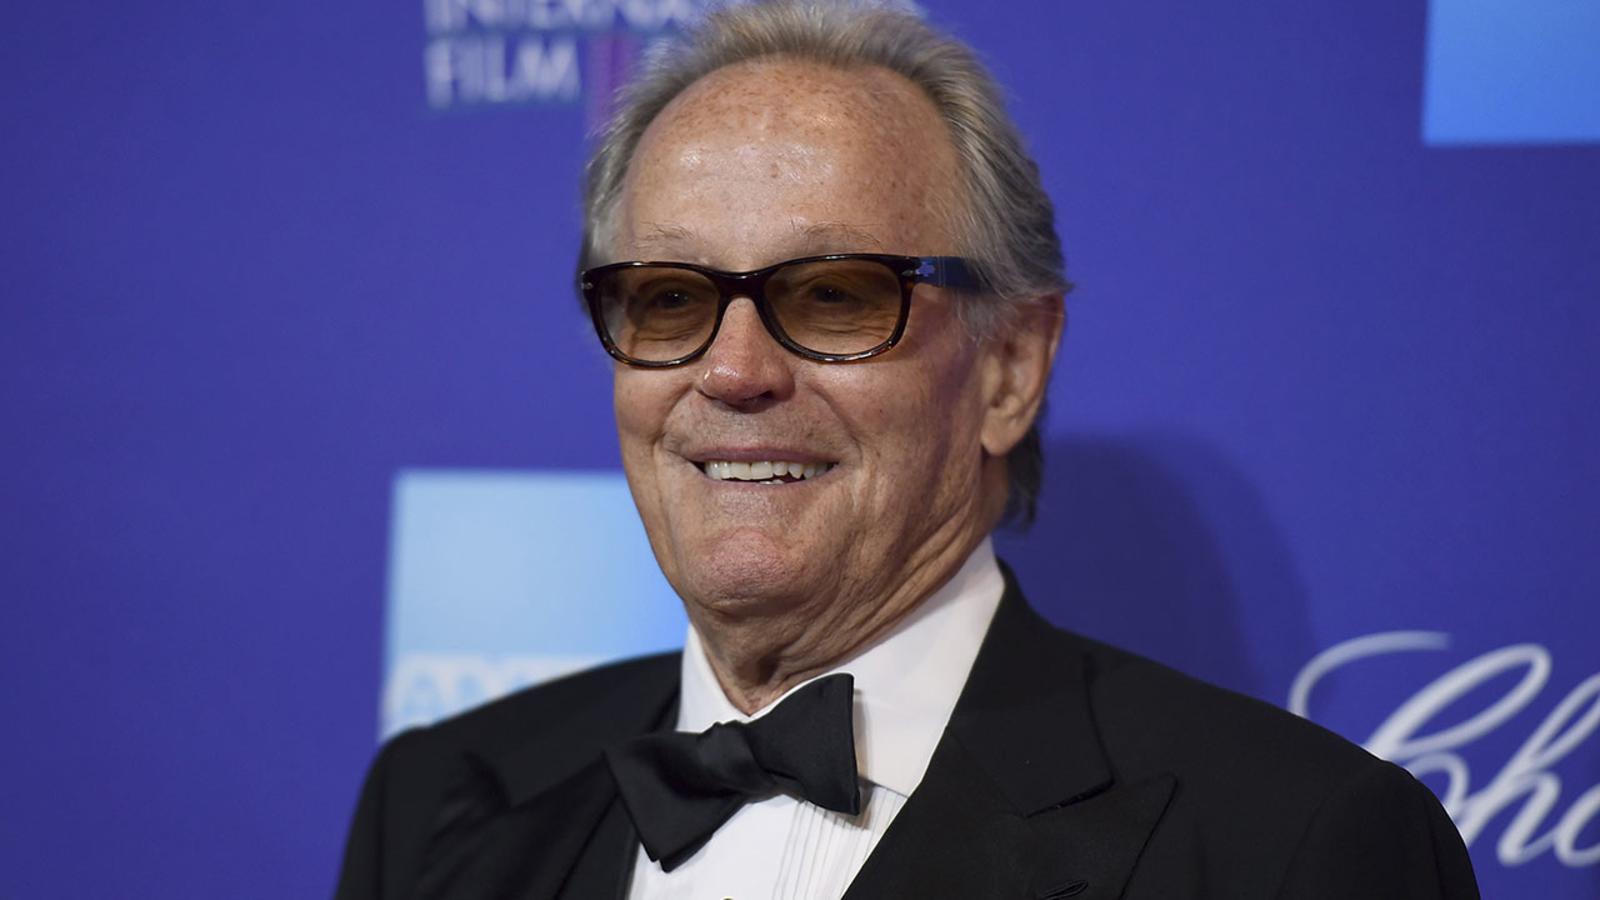 Actor Peter Fonda dies at 79, rep confirms